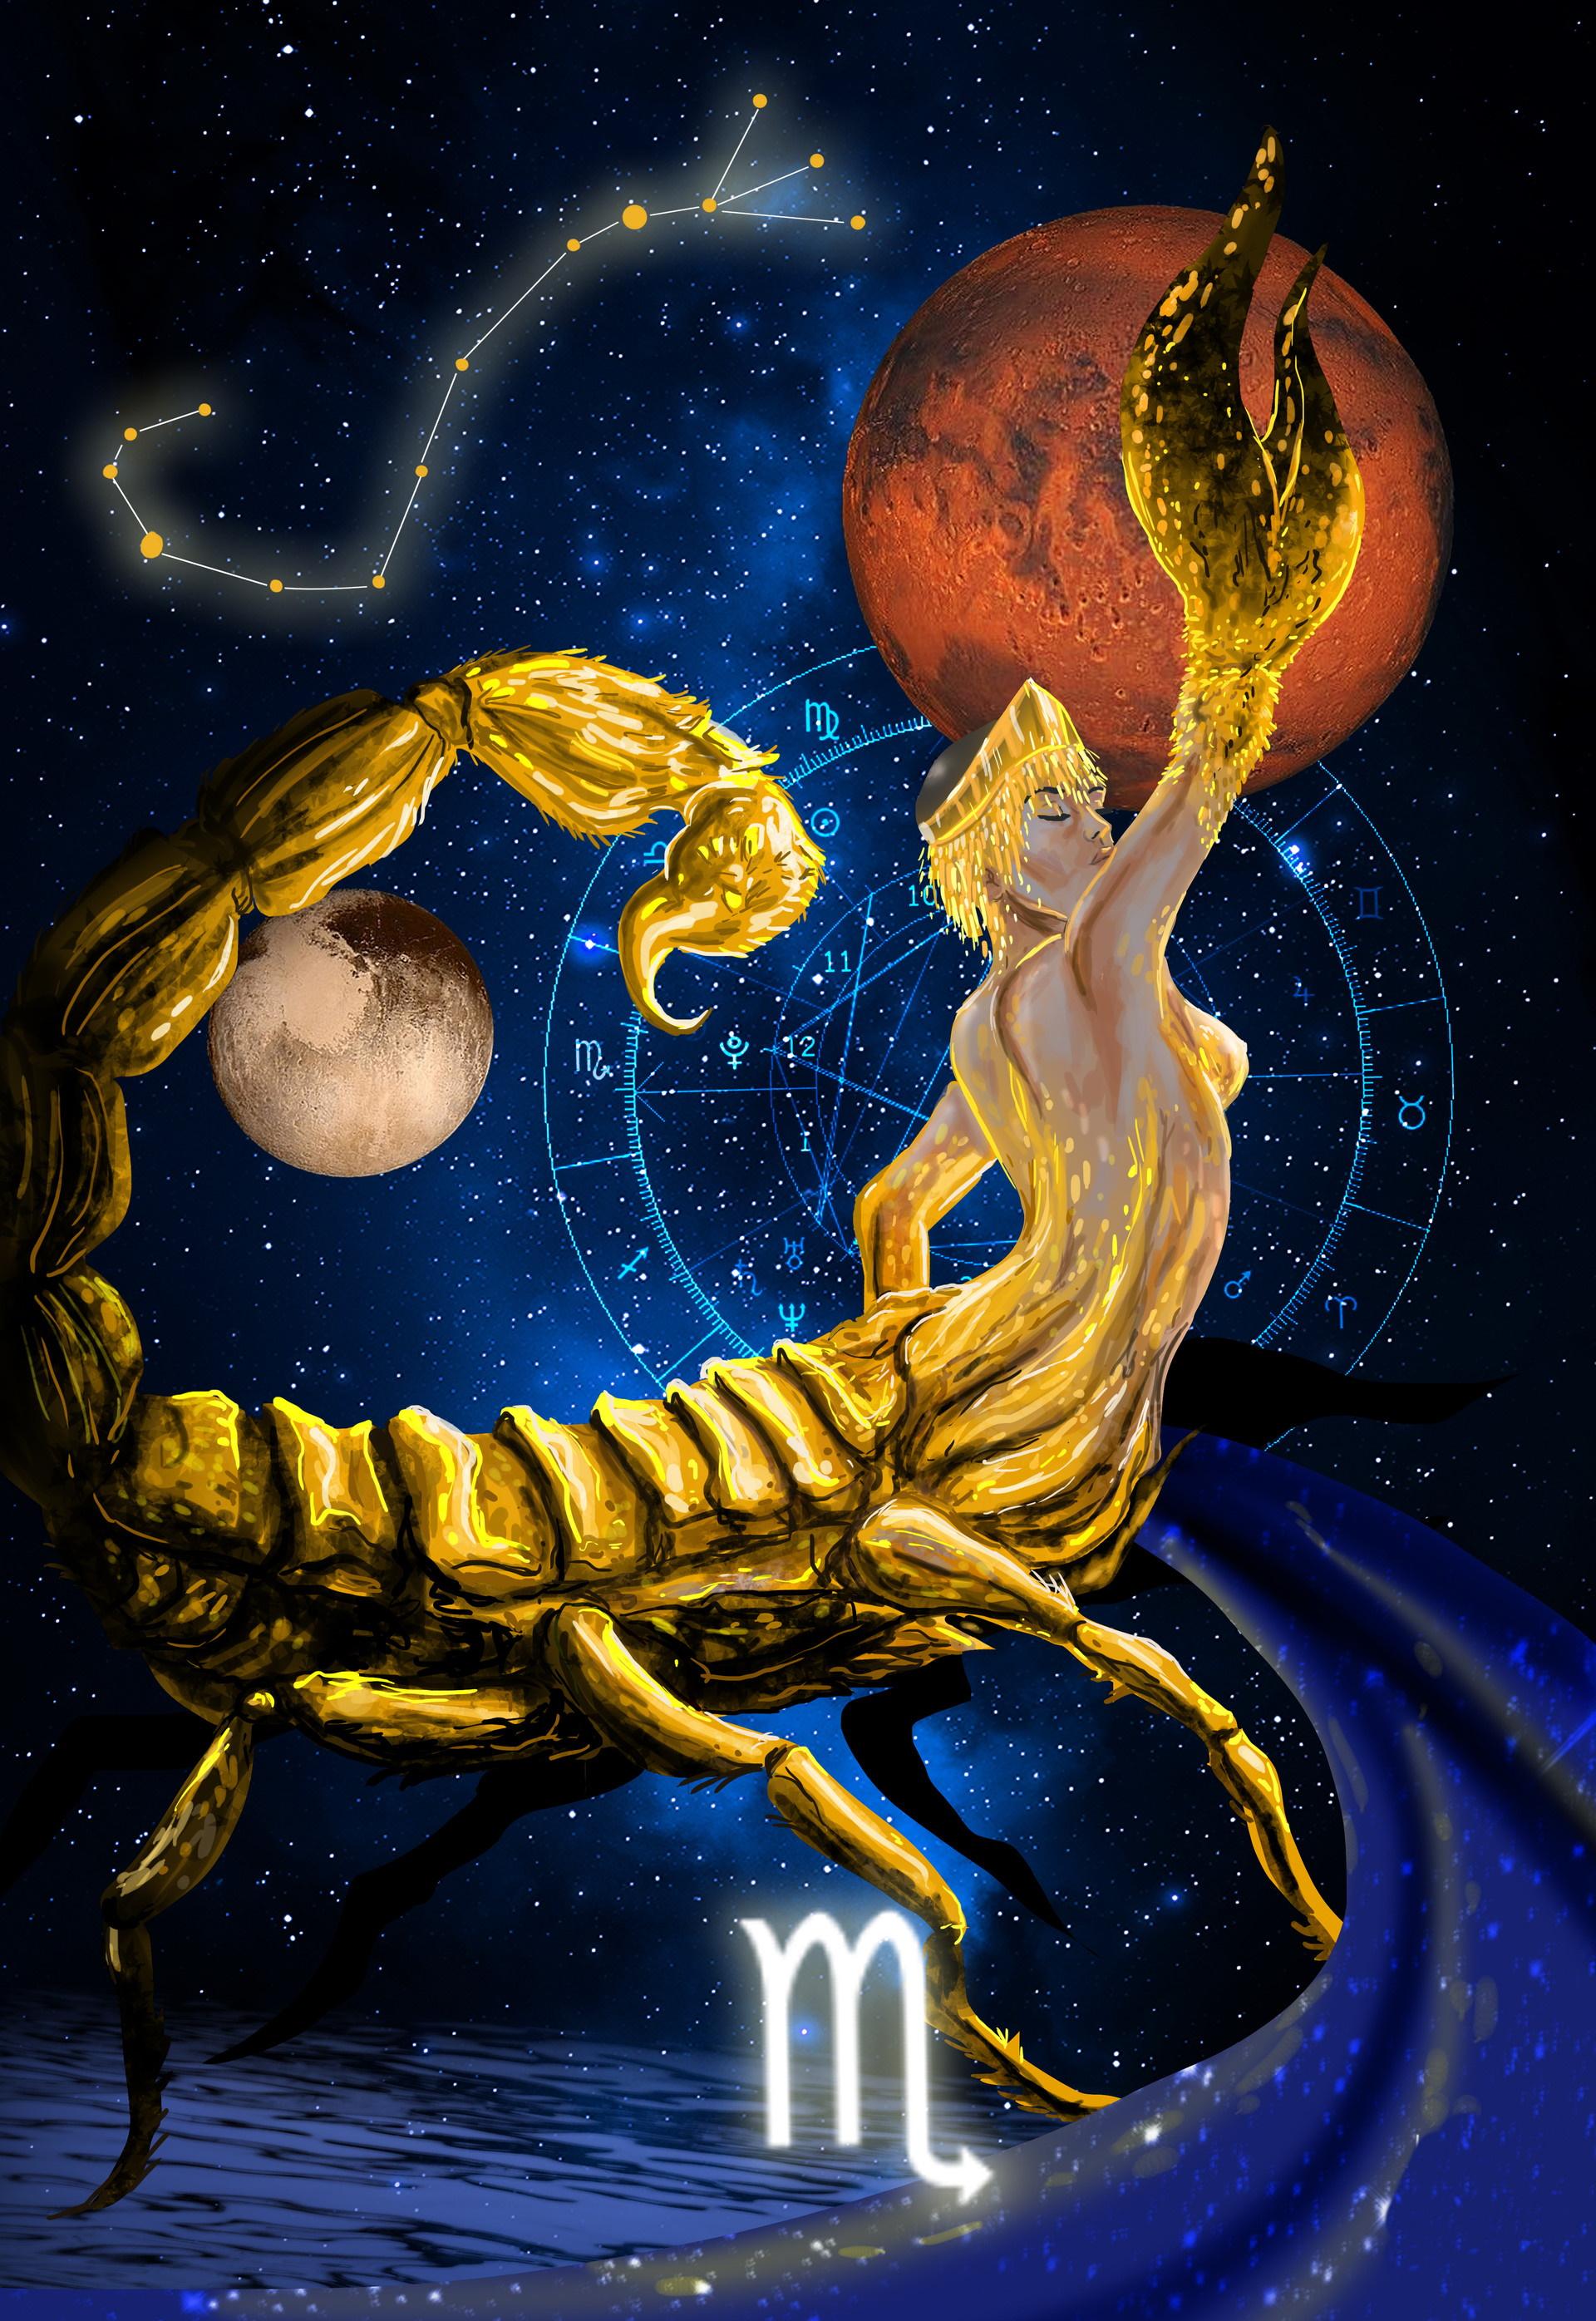 скорпион знак зодиака интерпретация картинка использовать